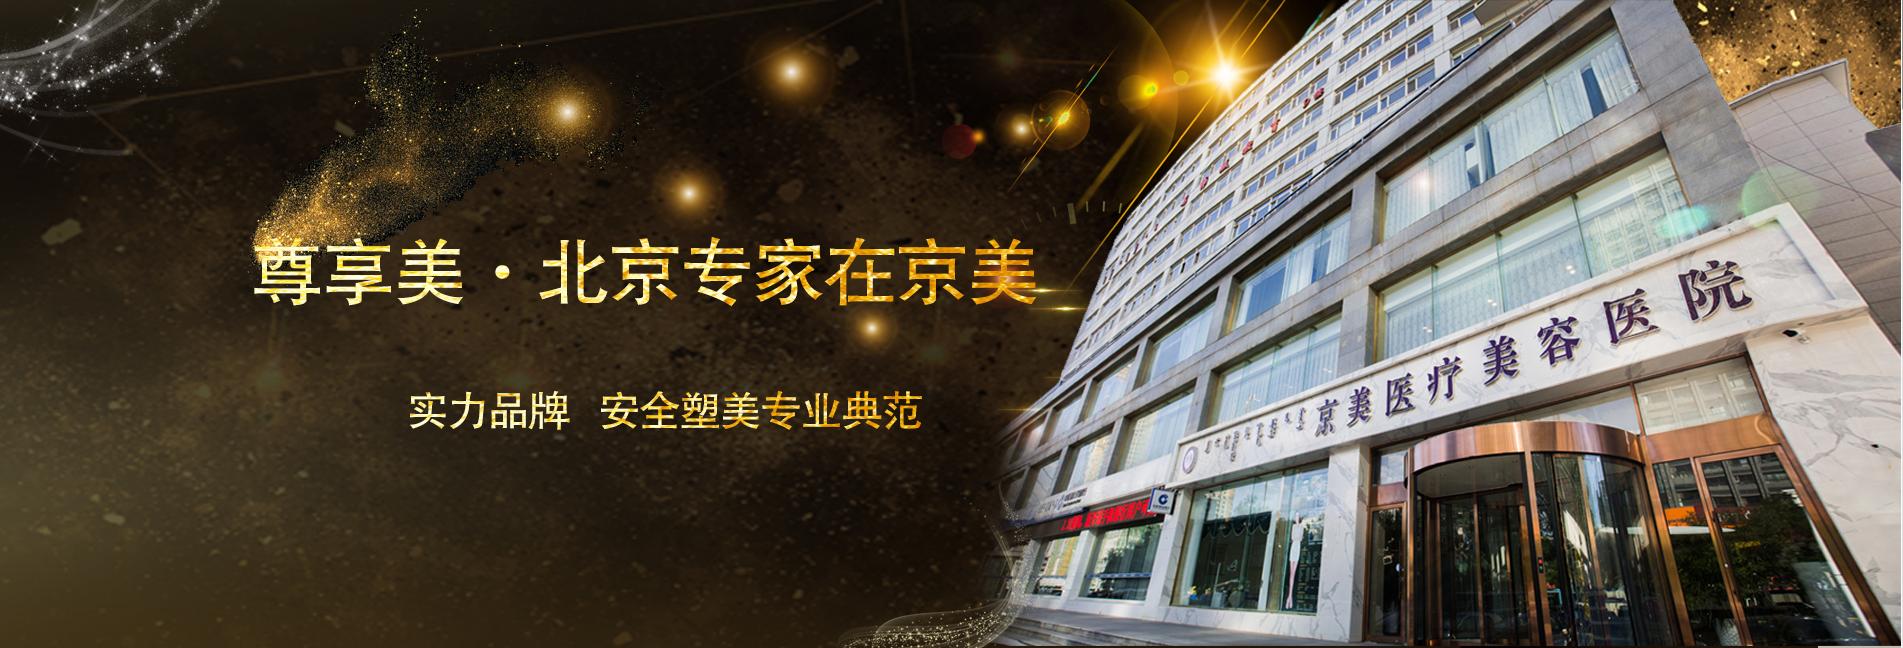 呼和浩特京美整形医院 致力于为中国顾客构建高质量的医疗服务